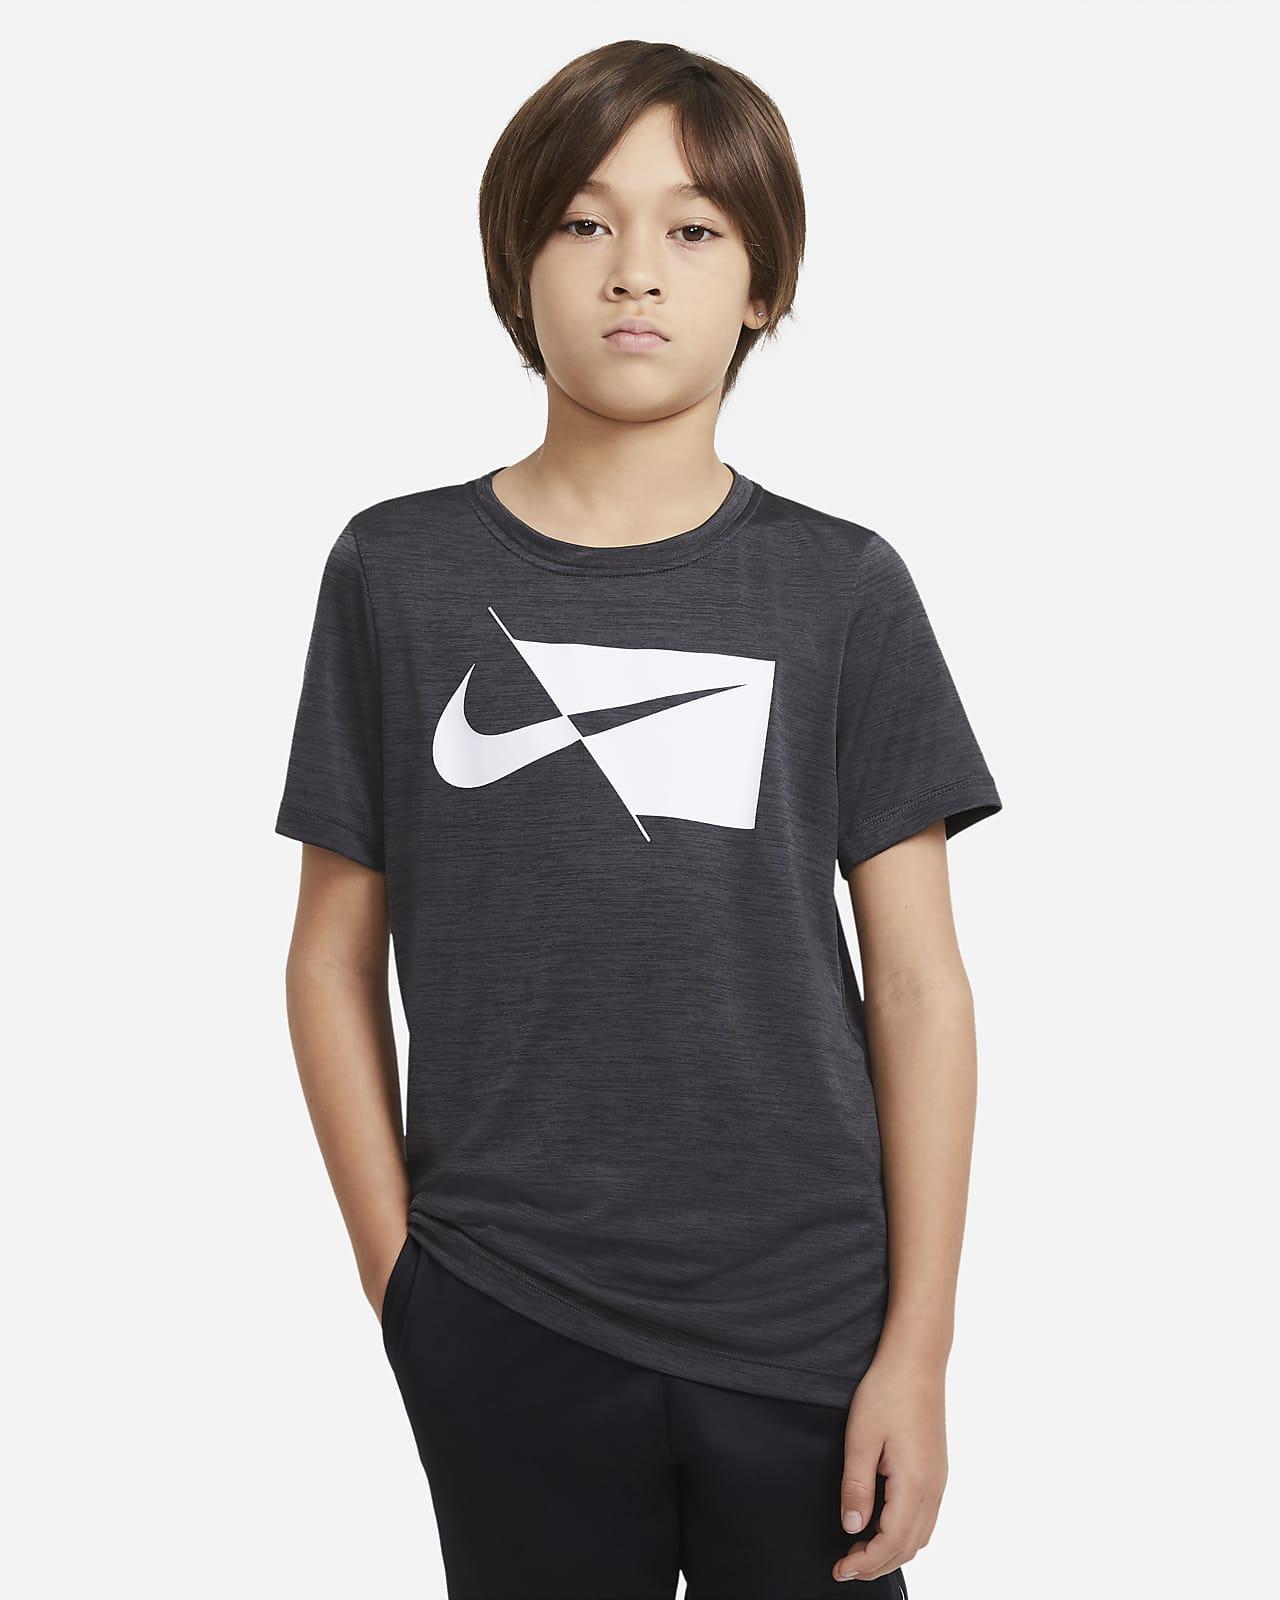 Футболка для тренинга с коротким рукавом для мальчиков школьного возраста Nike